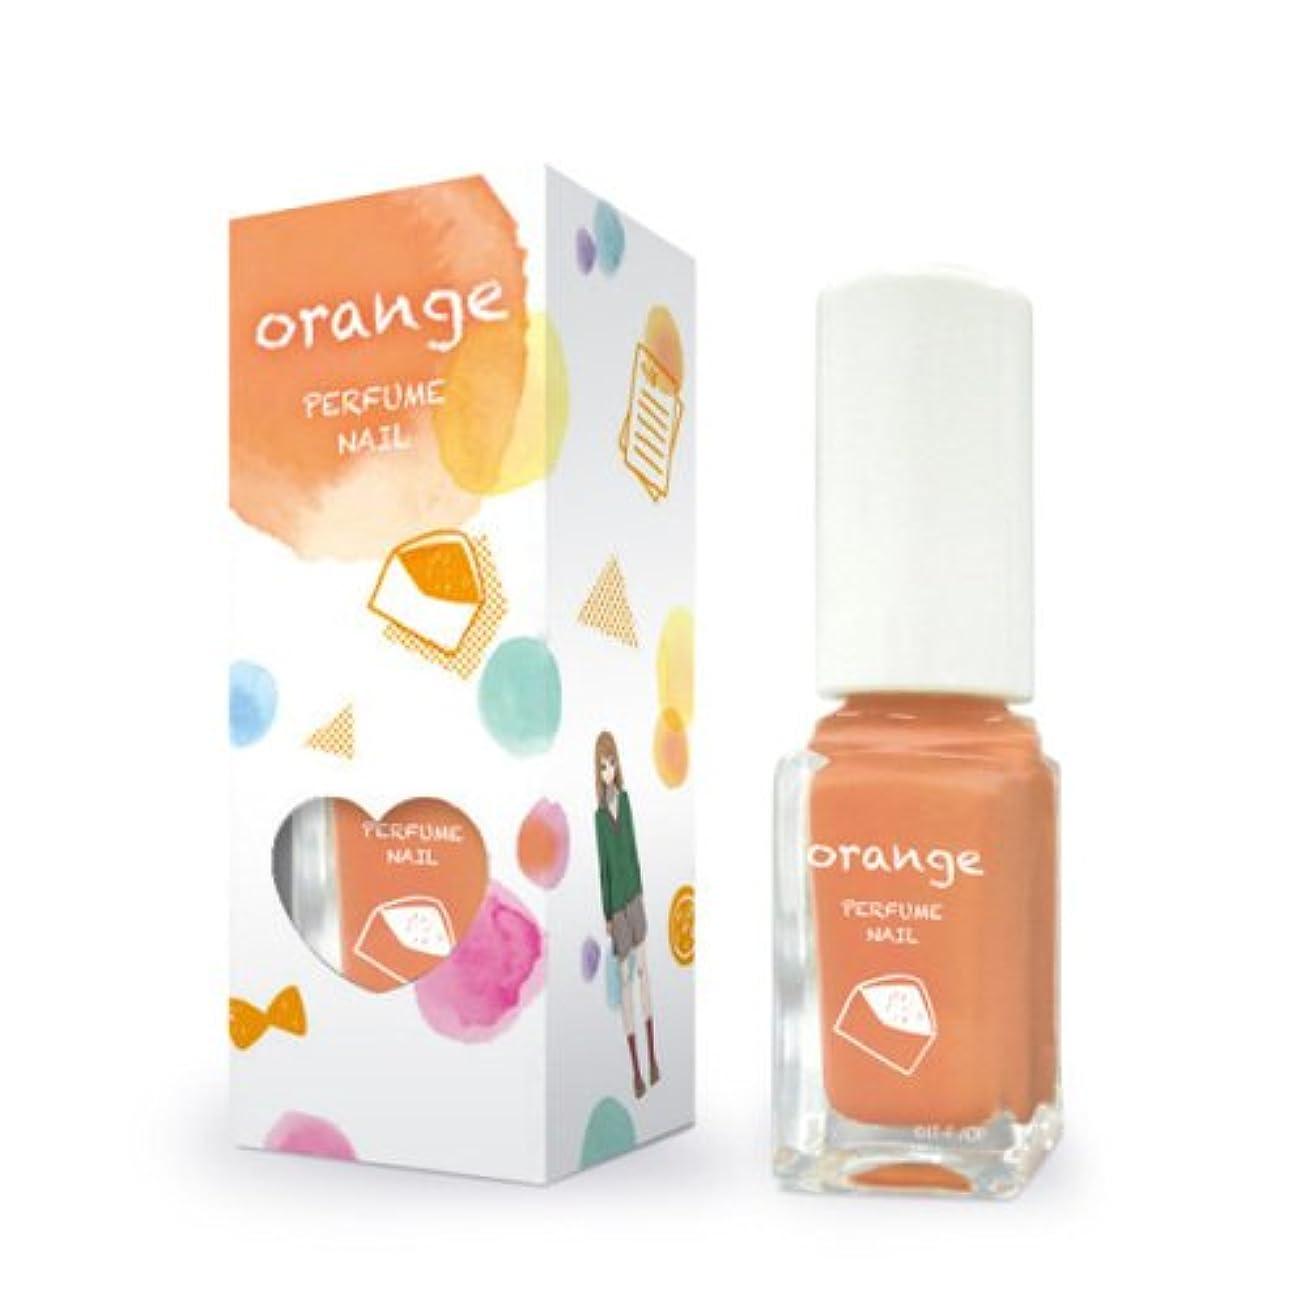 ヒギンズやさしい大きさ「orange」パフュームネイル